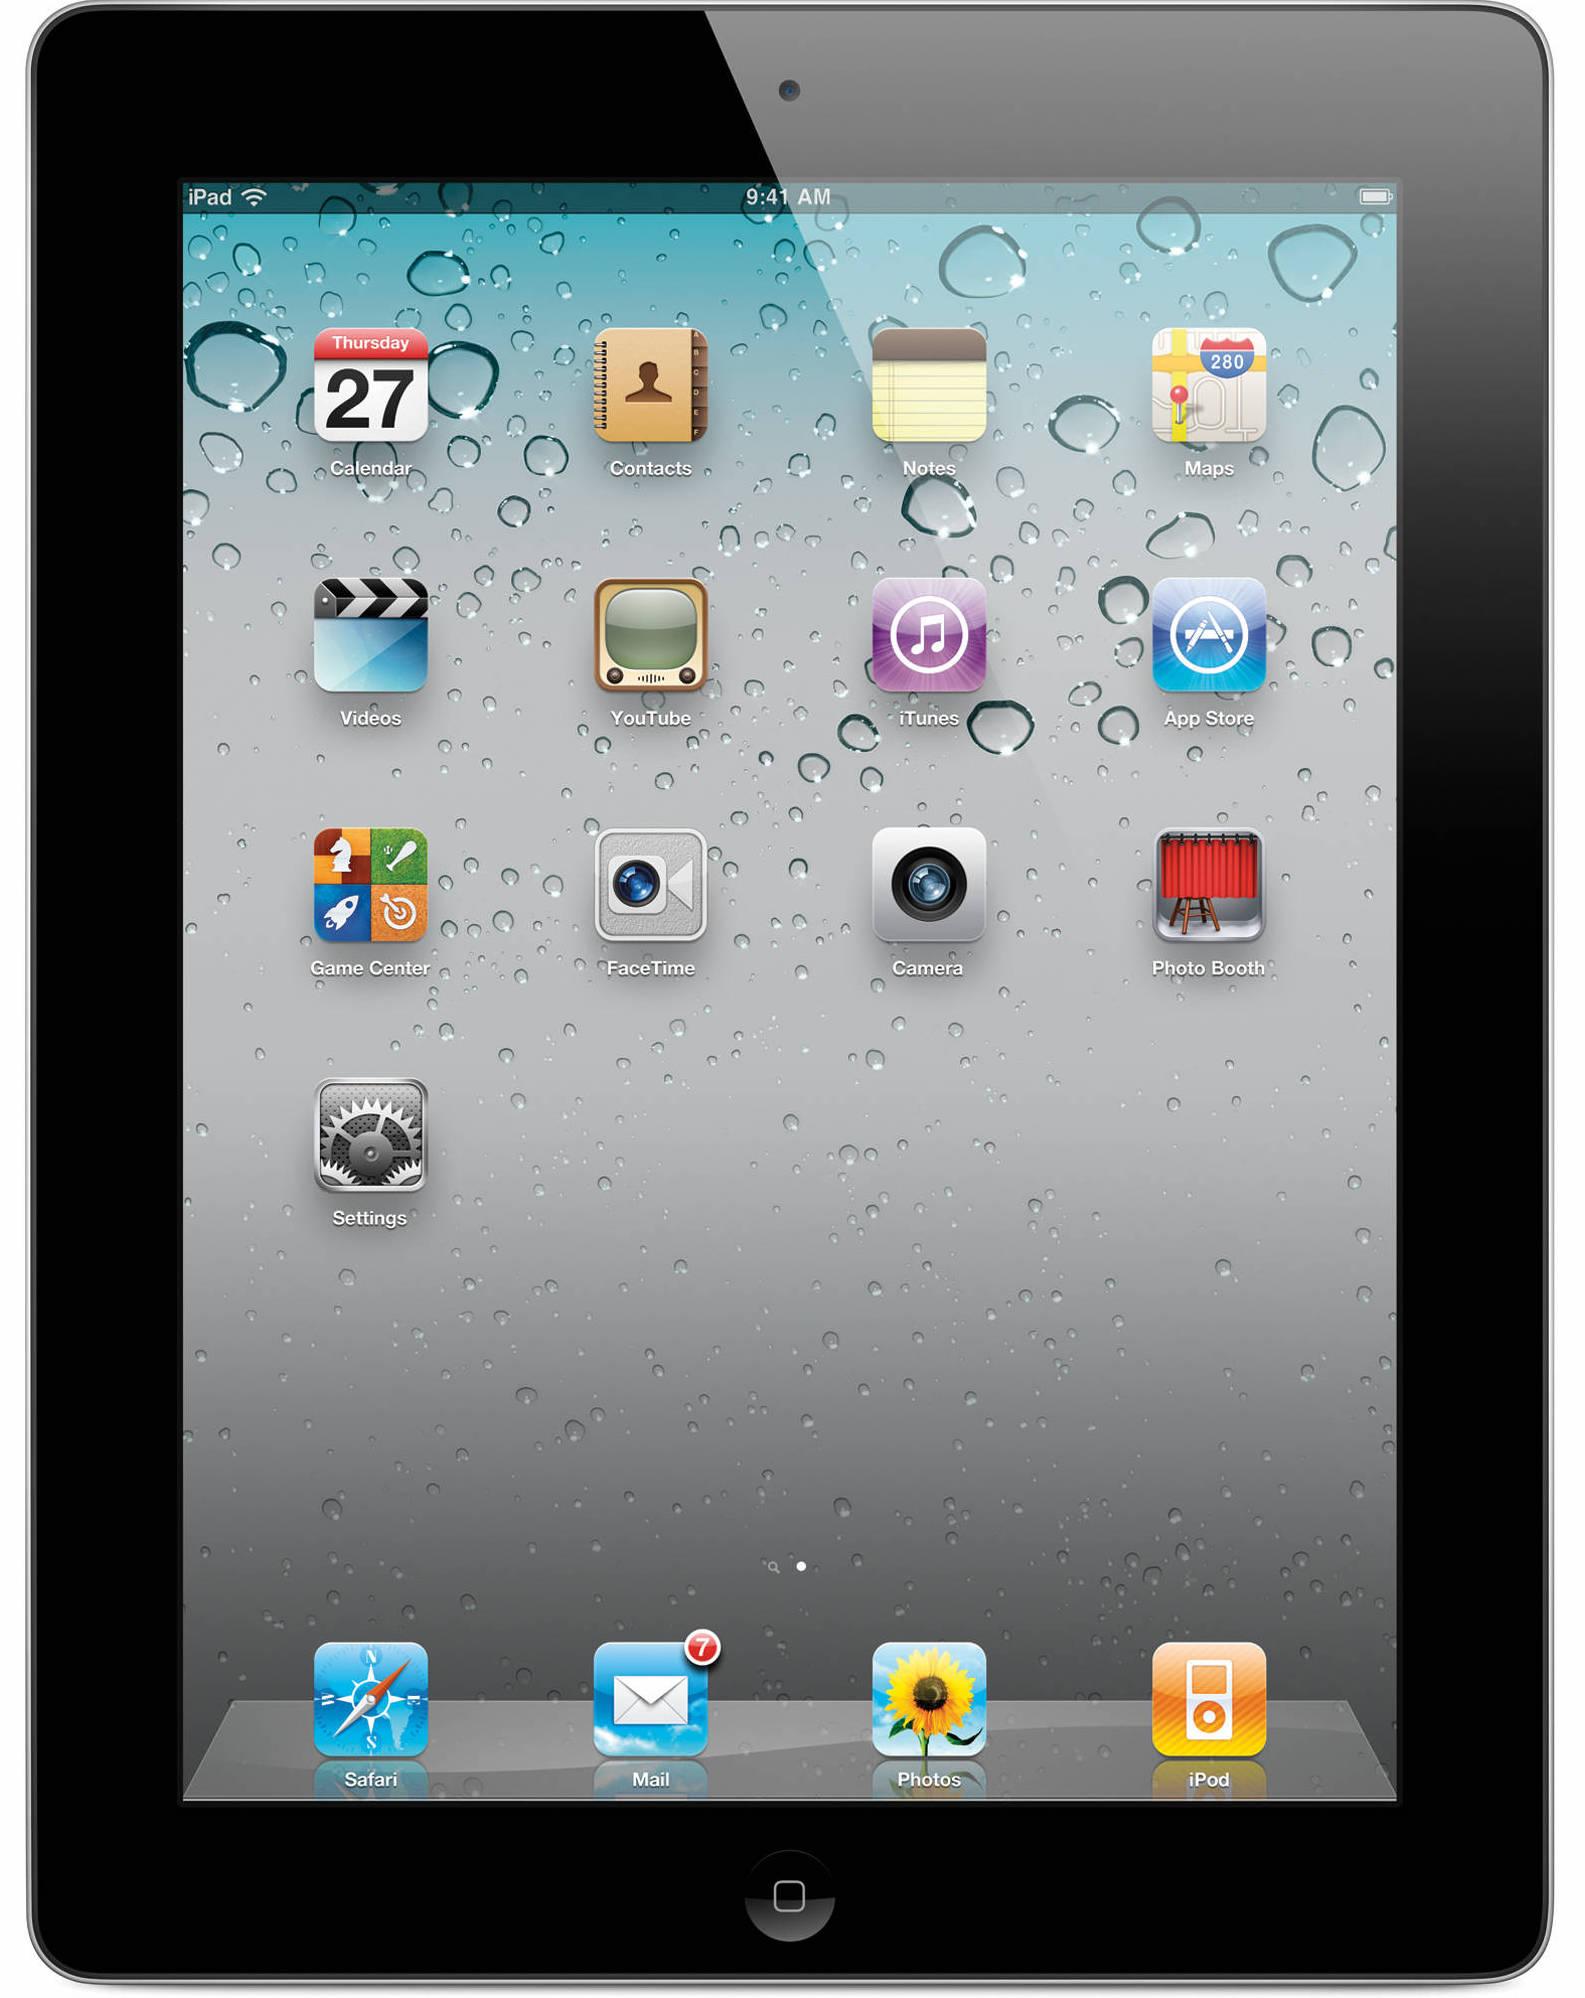 Offerta Apple iPad 2 64gb cellular su TrovaUsati.it